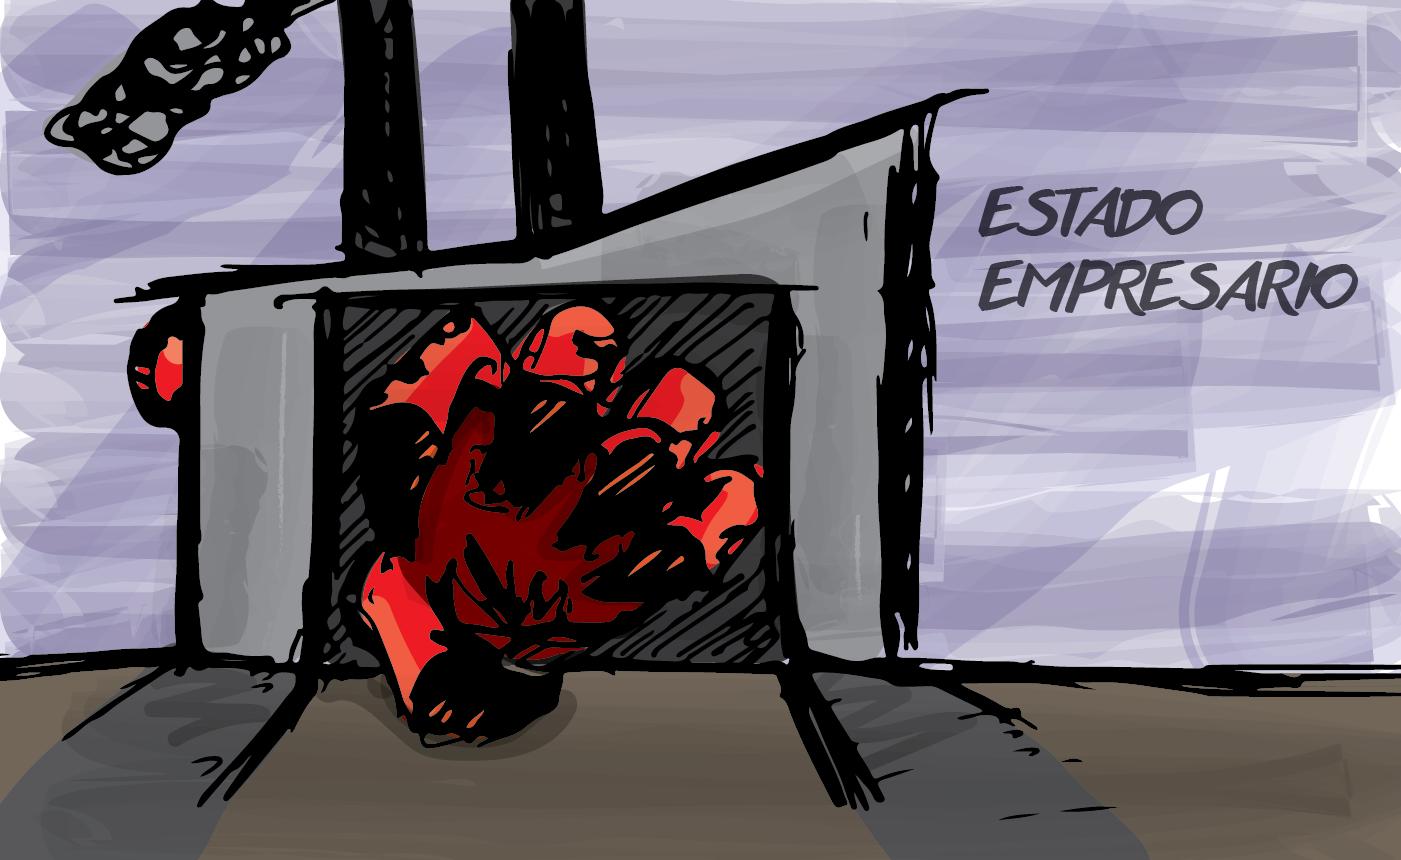 Estado Empresario